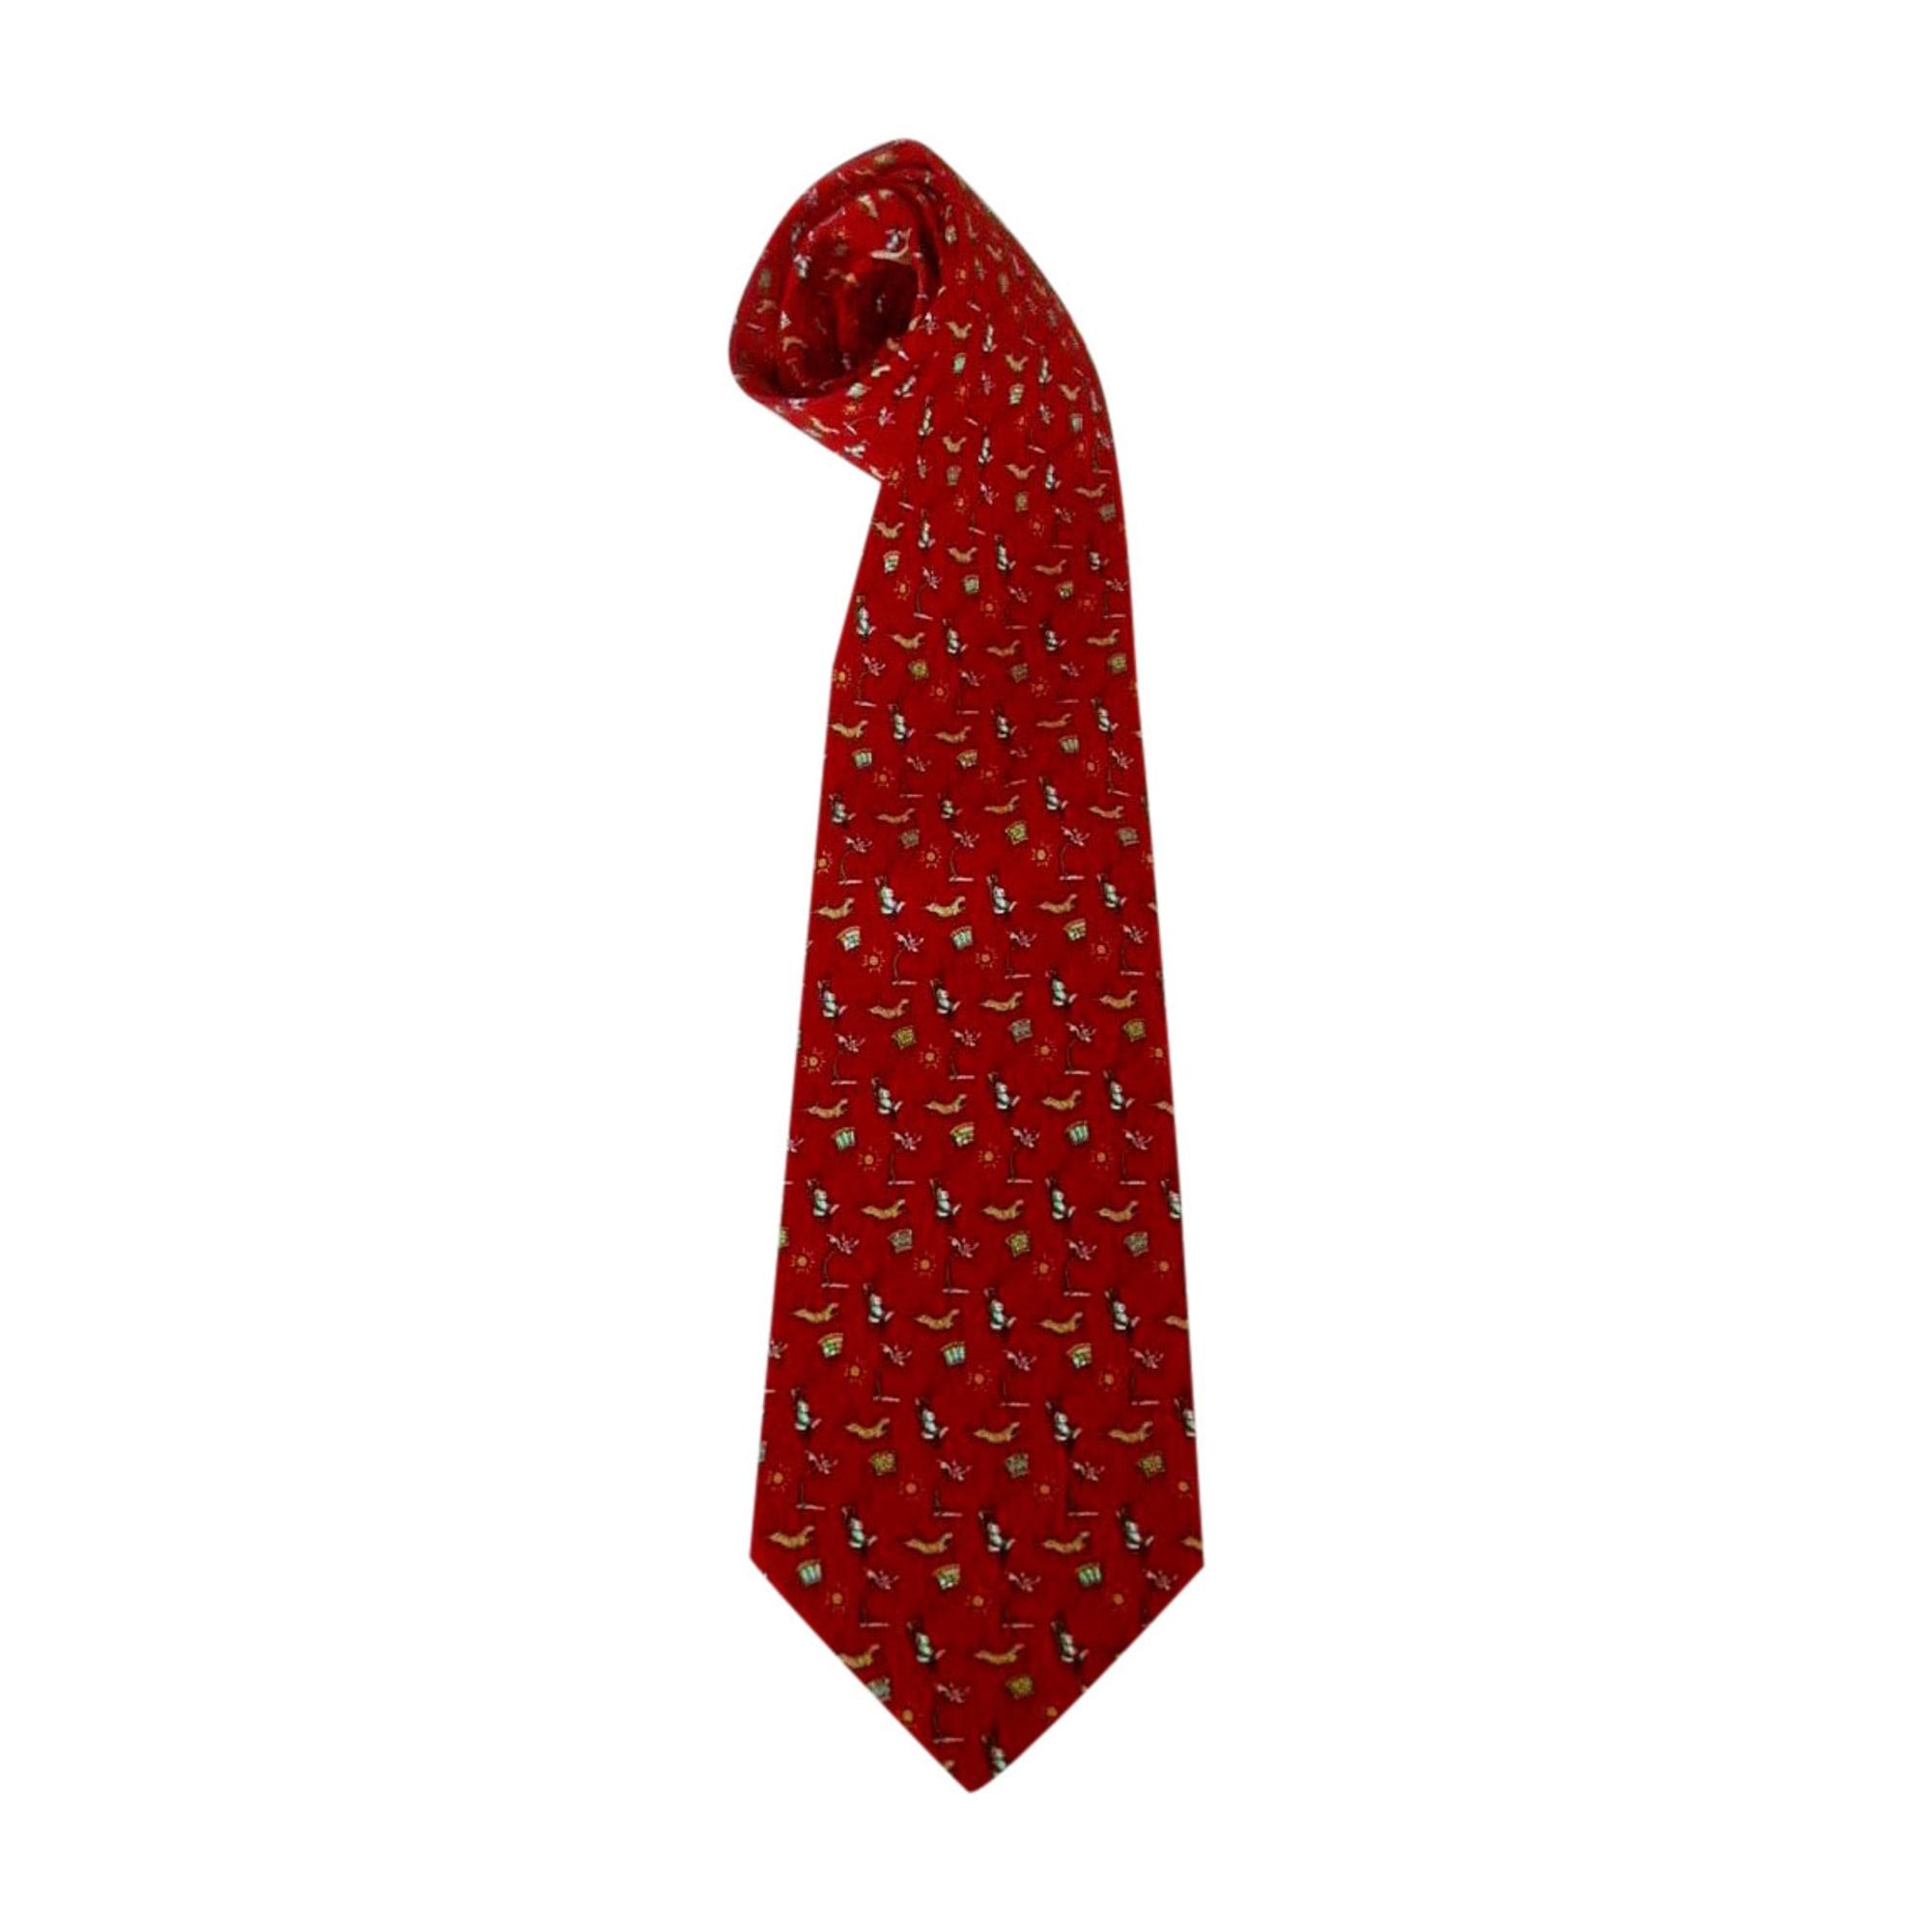 Cravate SALVATORE FERRAGAMO Rouge, bordeaux